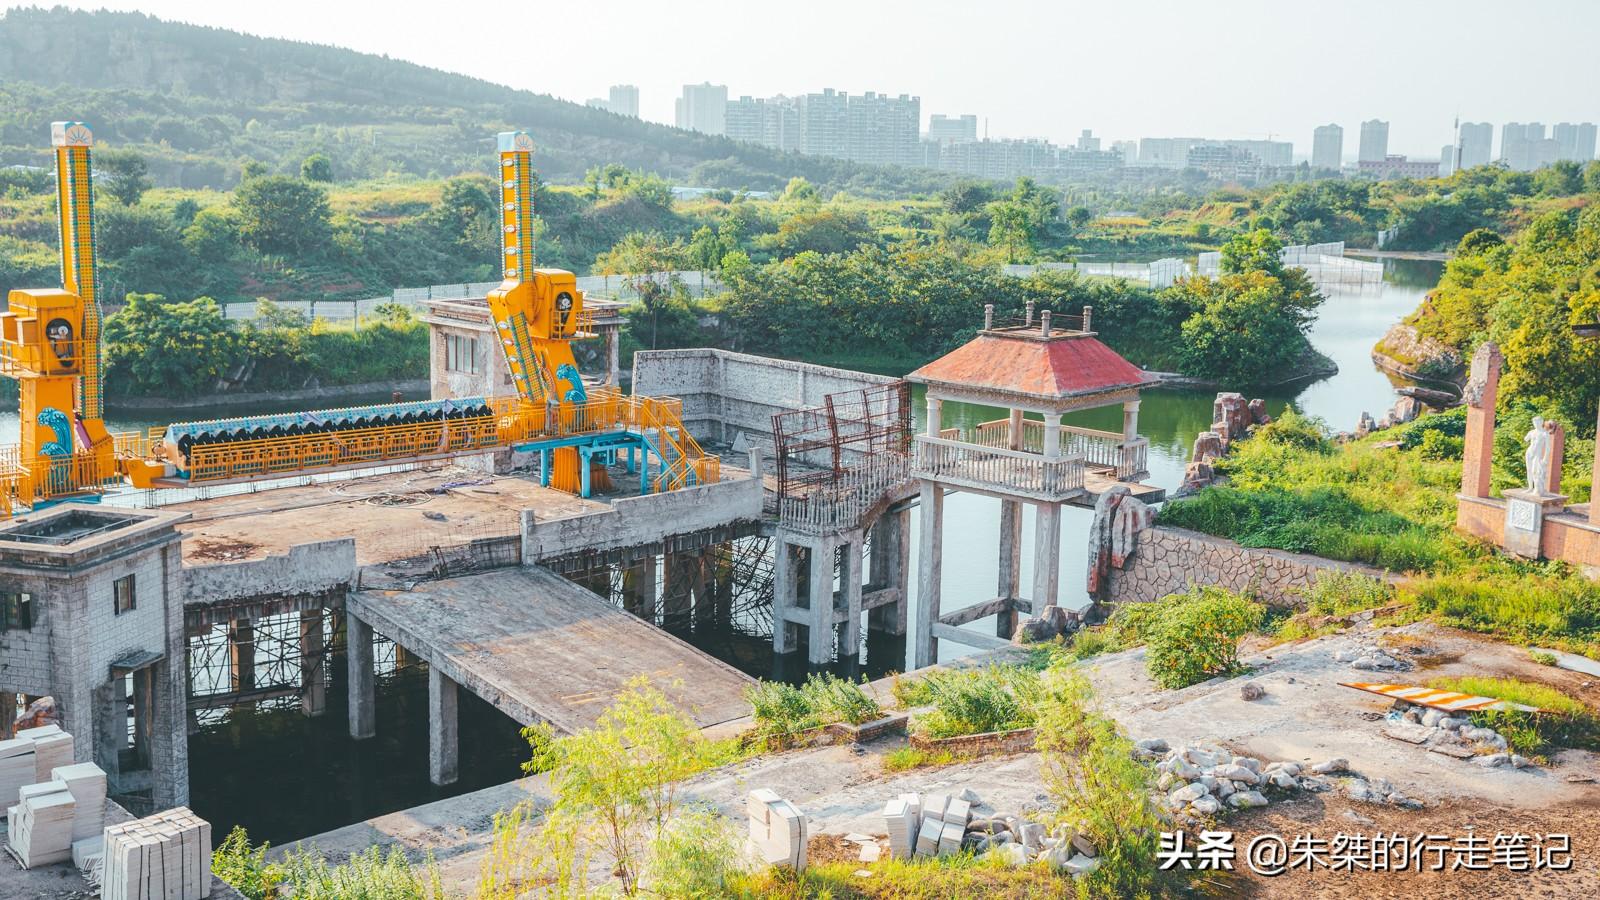 堪称亚洲最大的游乐场,春节期间人气爆棚,为何商家没挣到一分钱